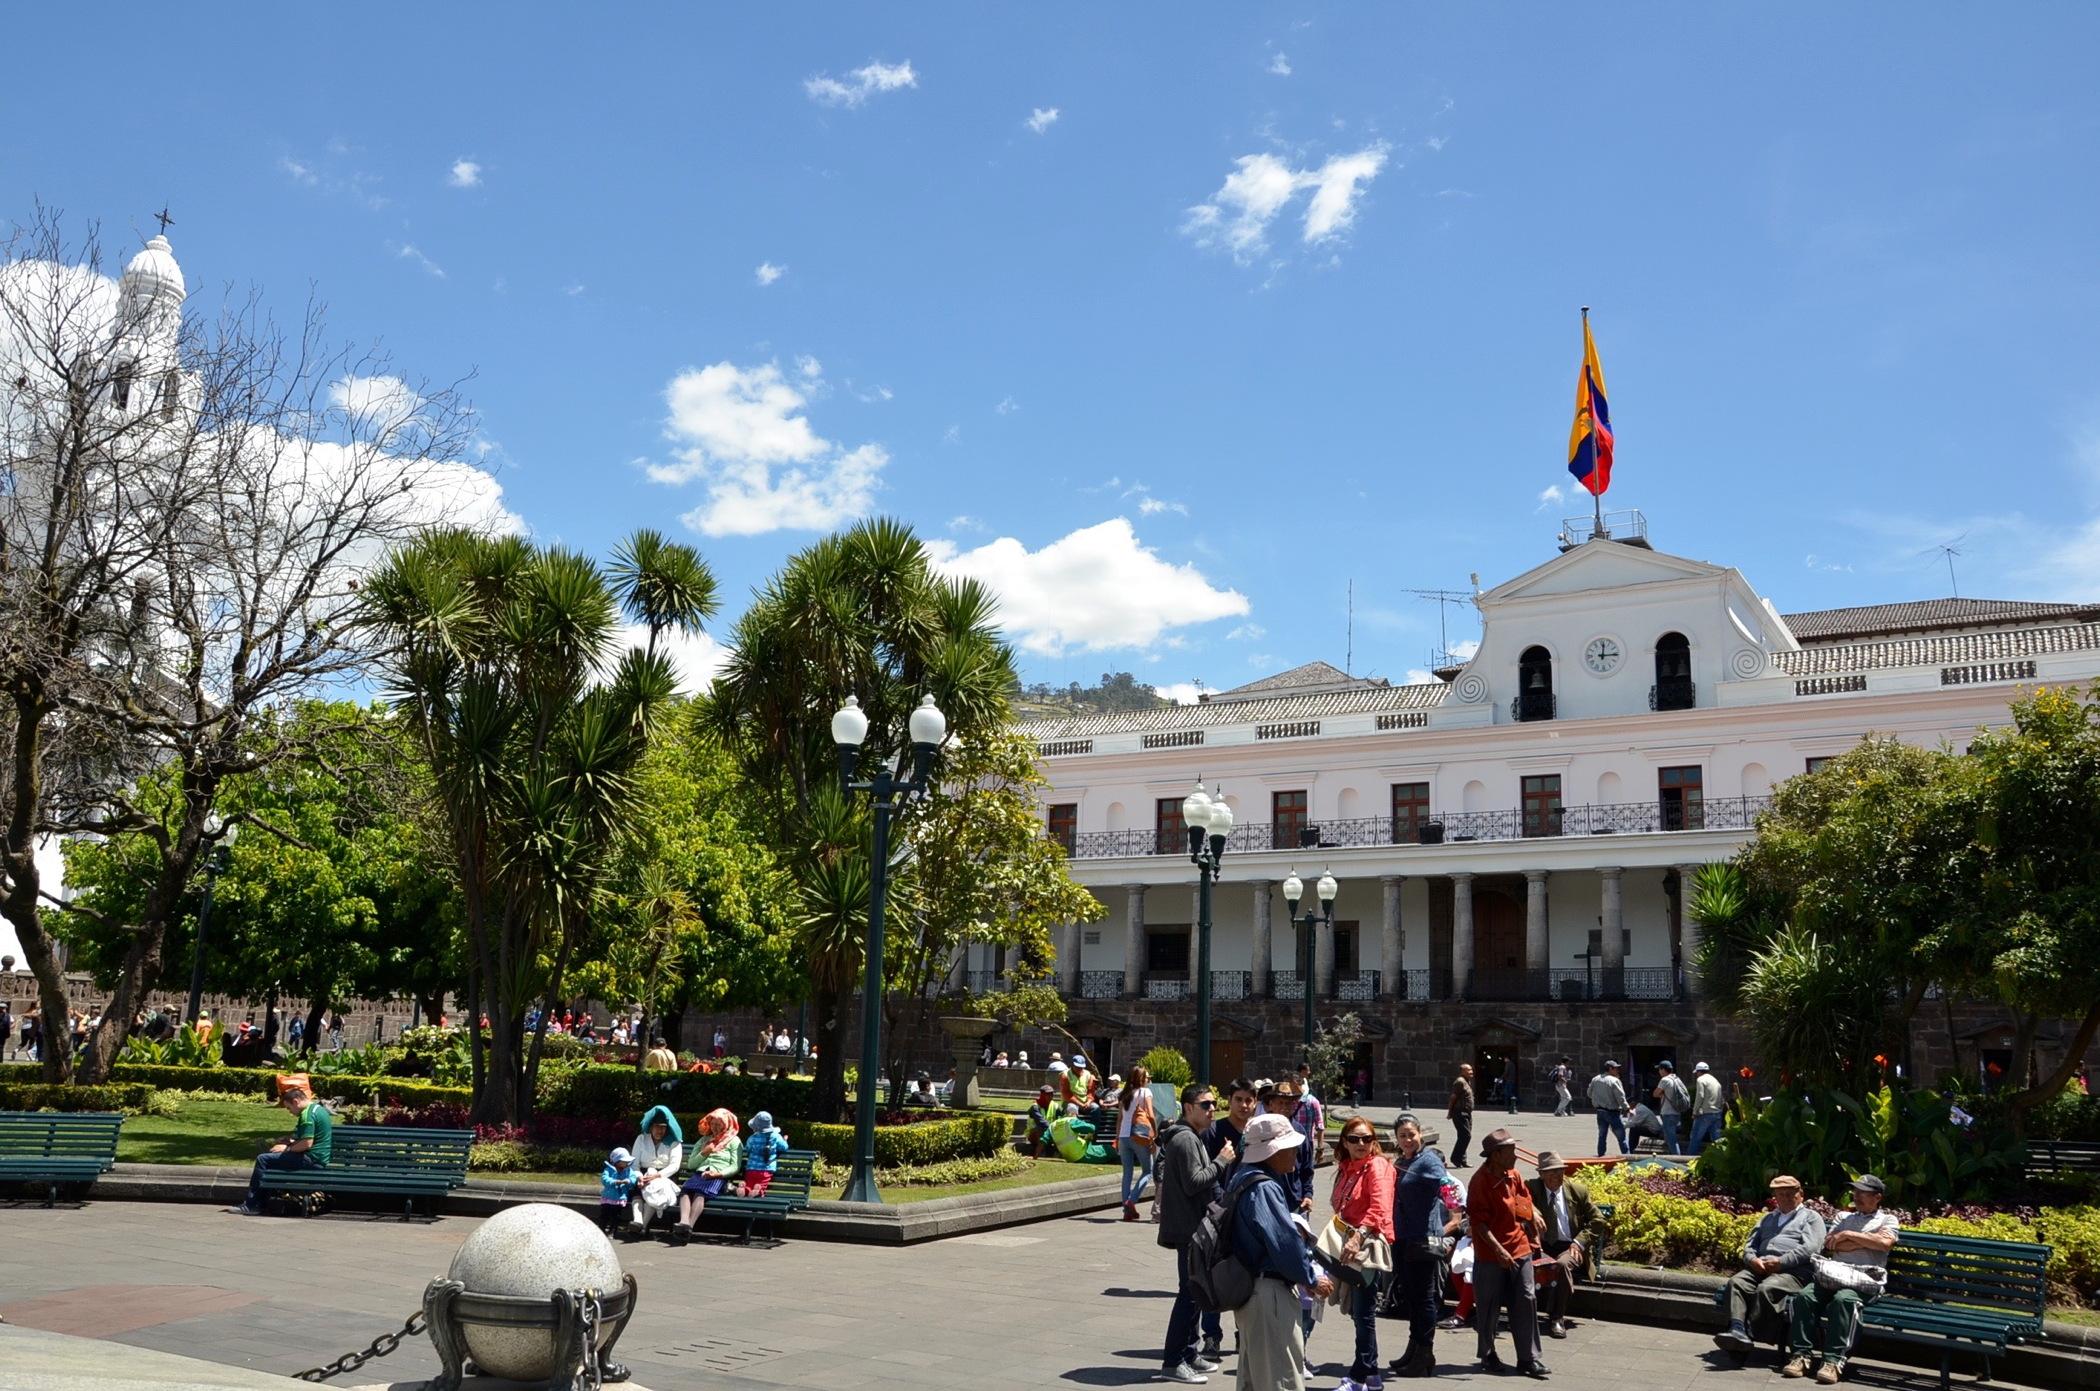 Die Altstadt von Quito in Ecuador ist eine der Unesco Welterbestätten